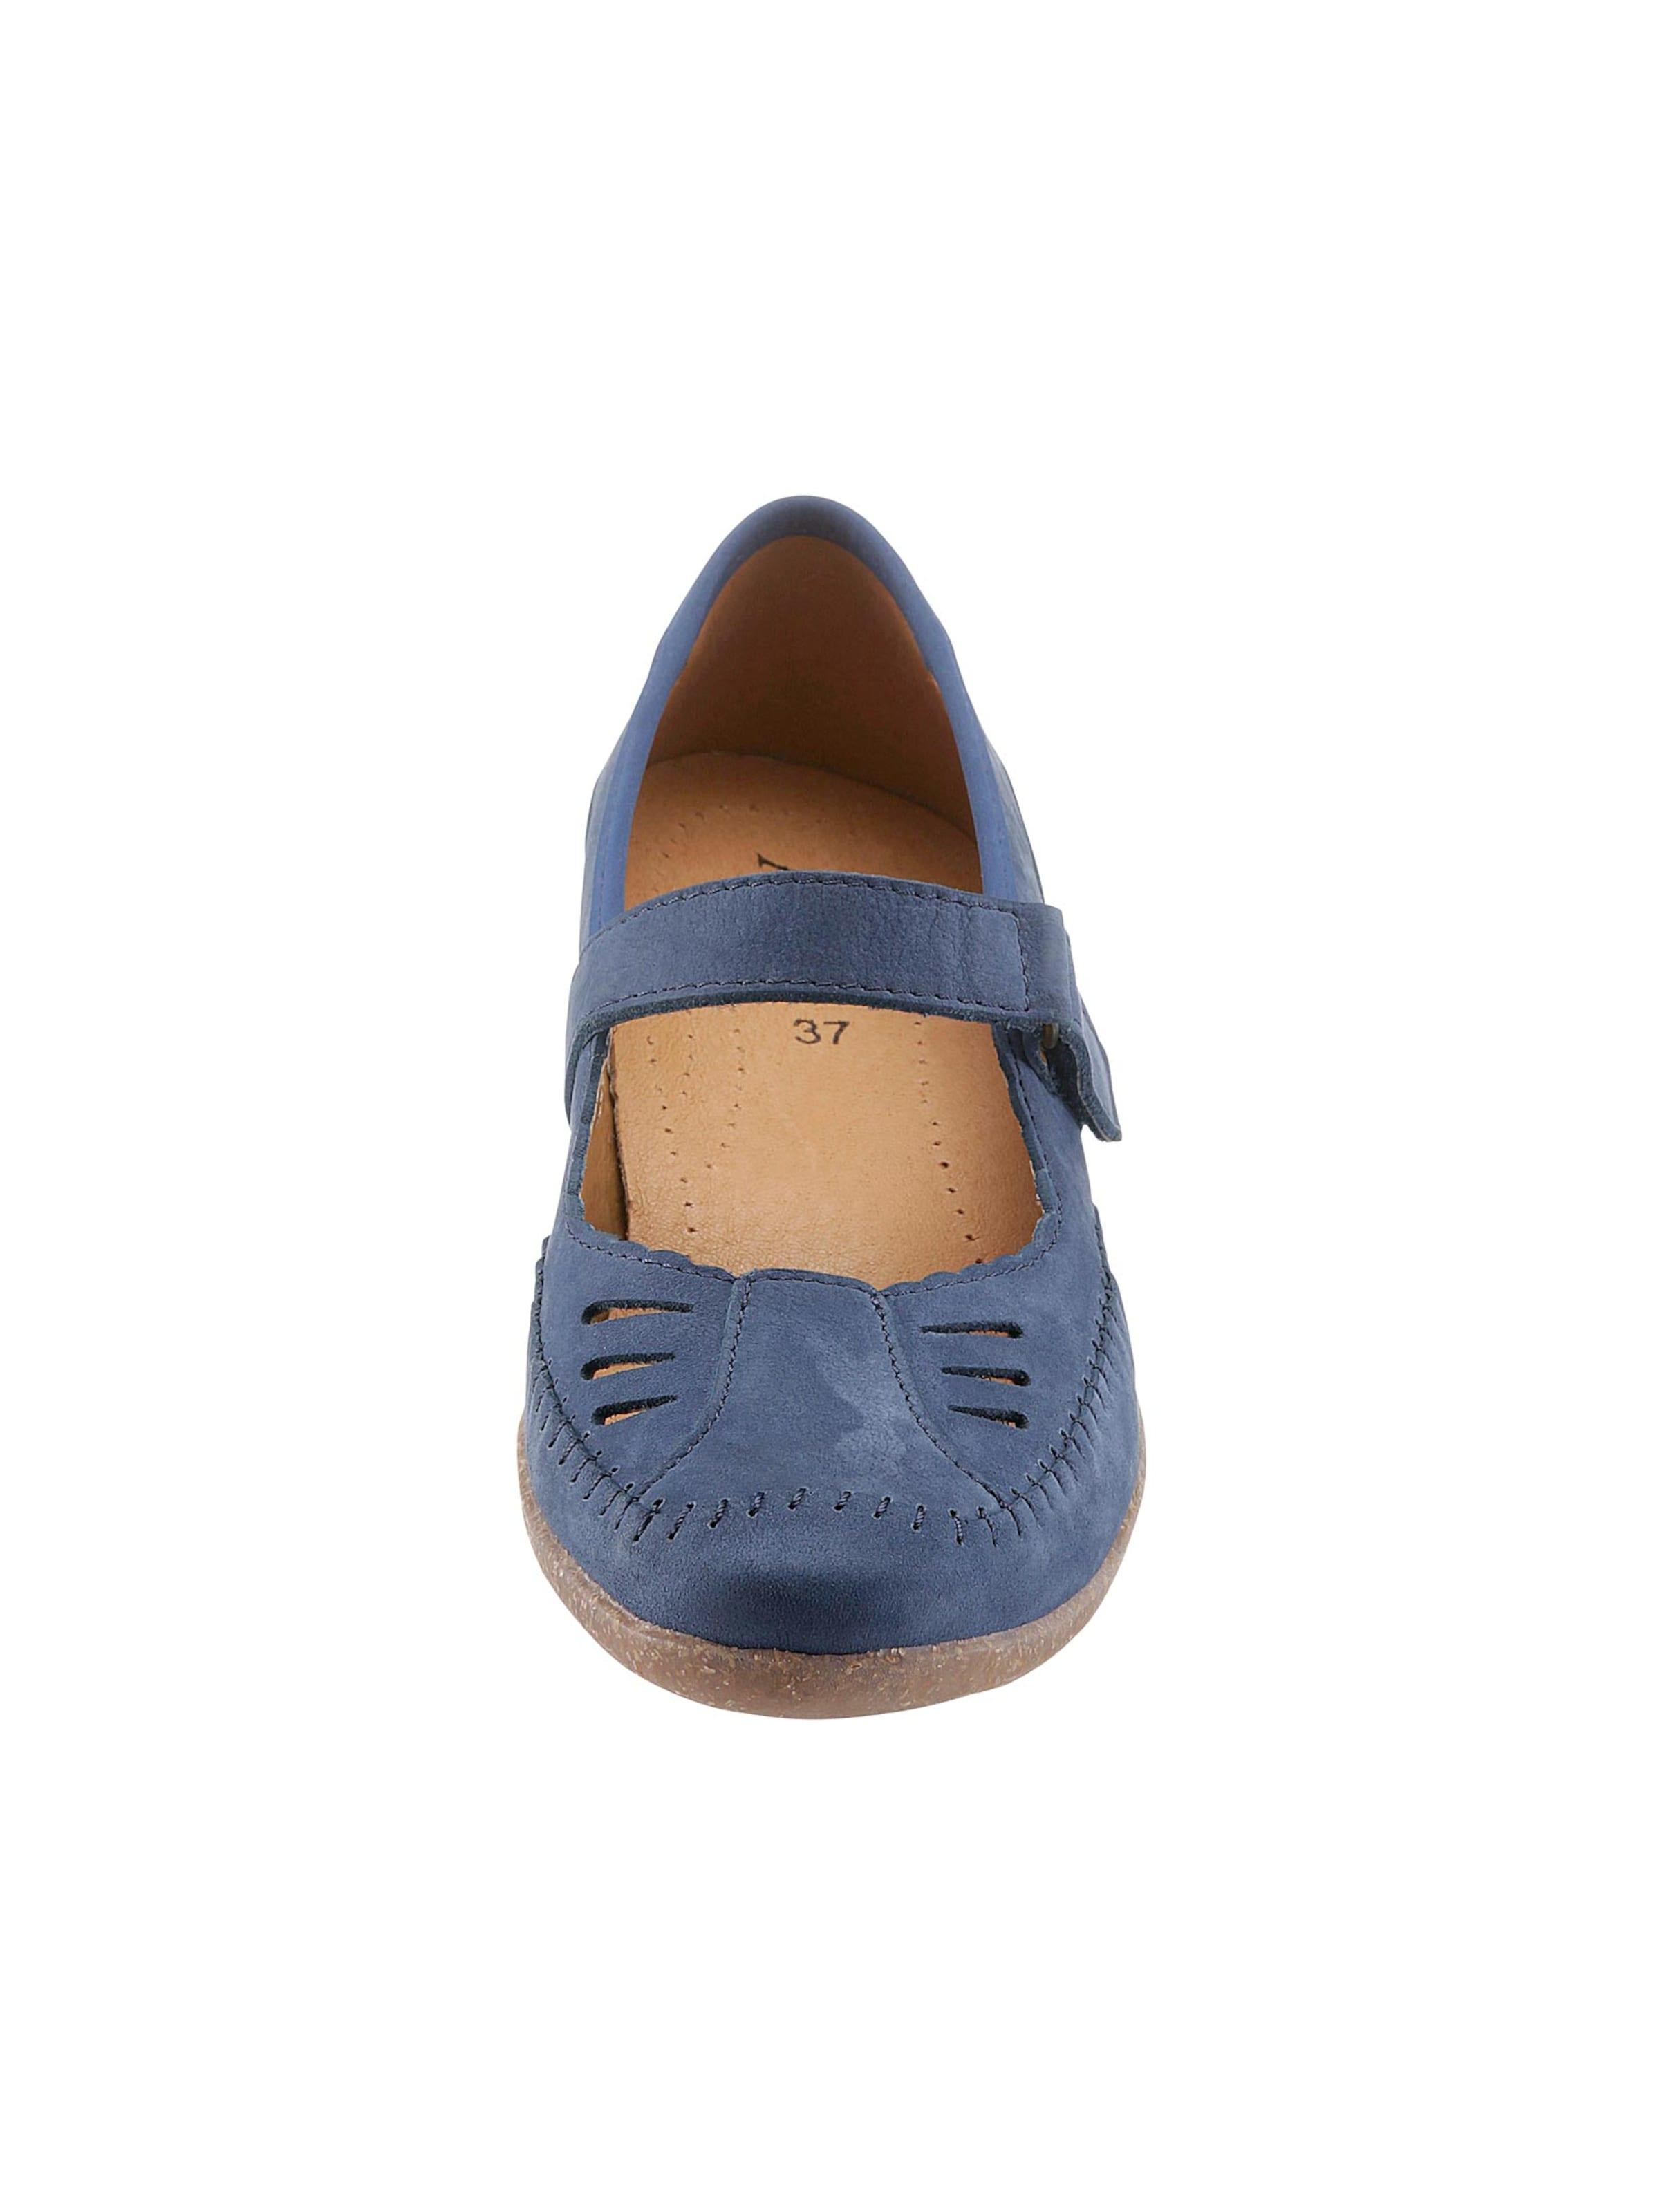 aco - Damen Slipper blau